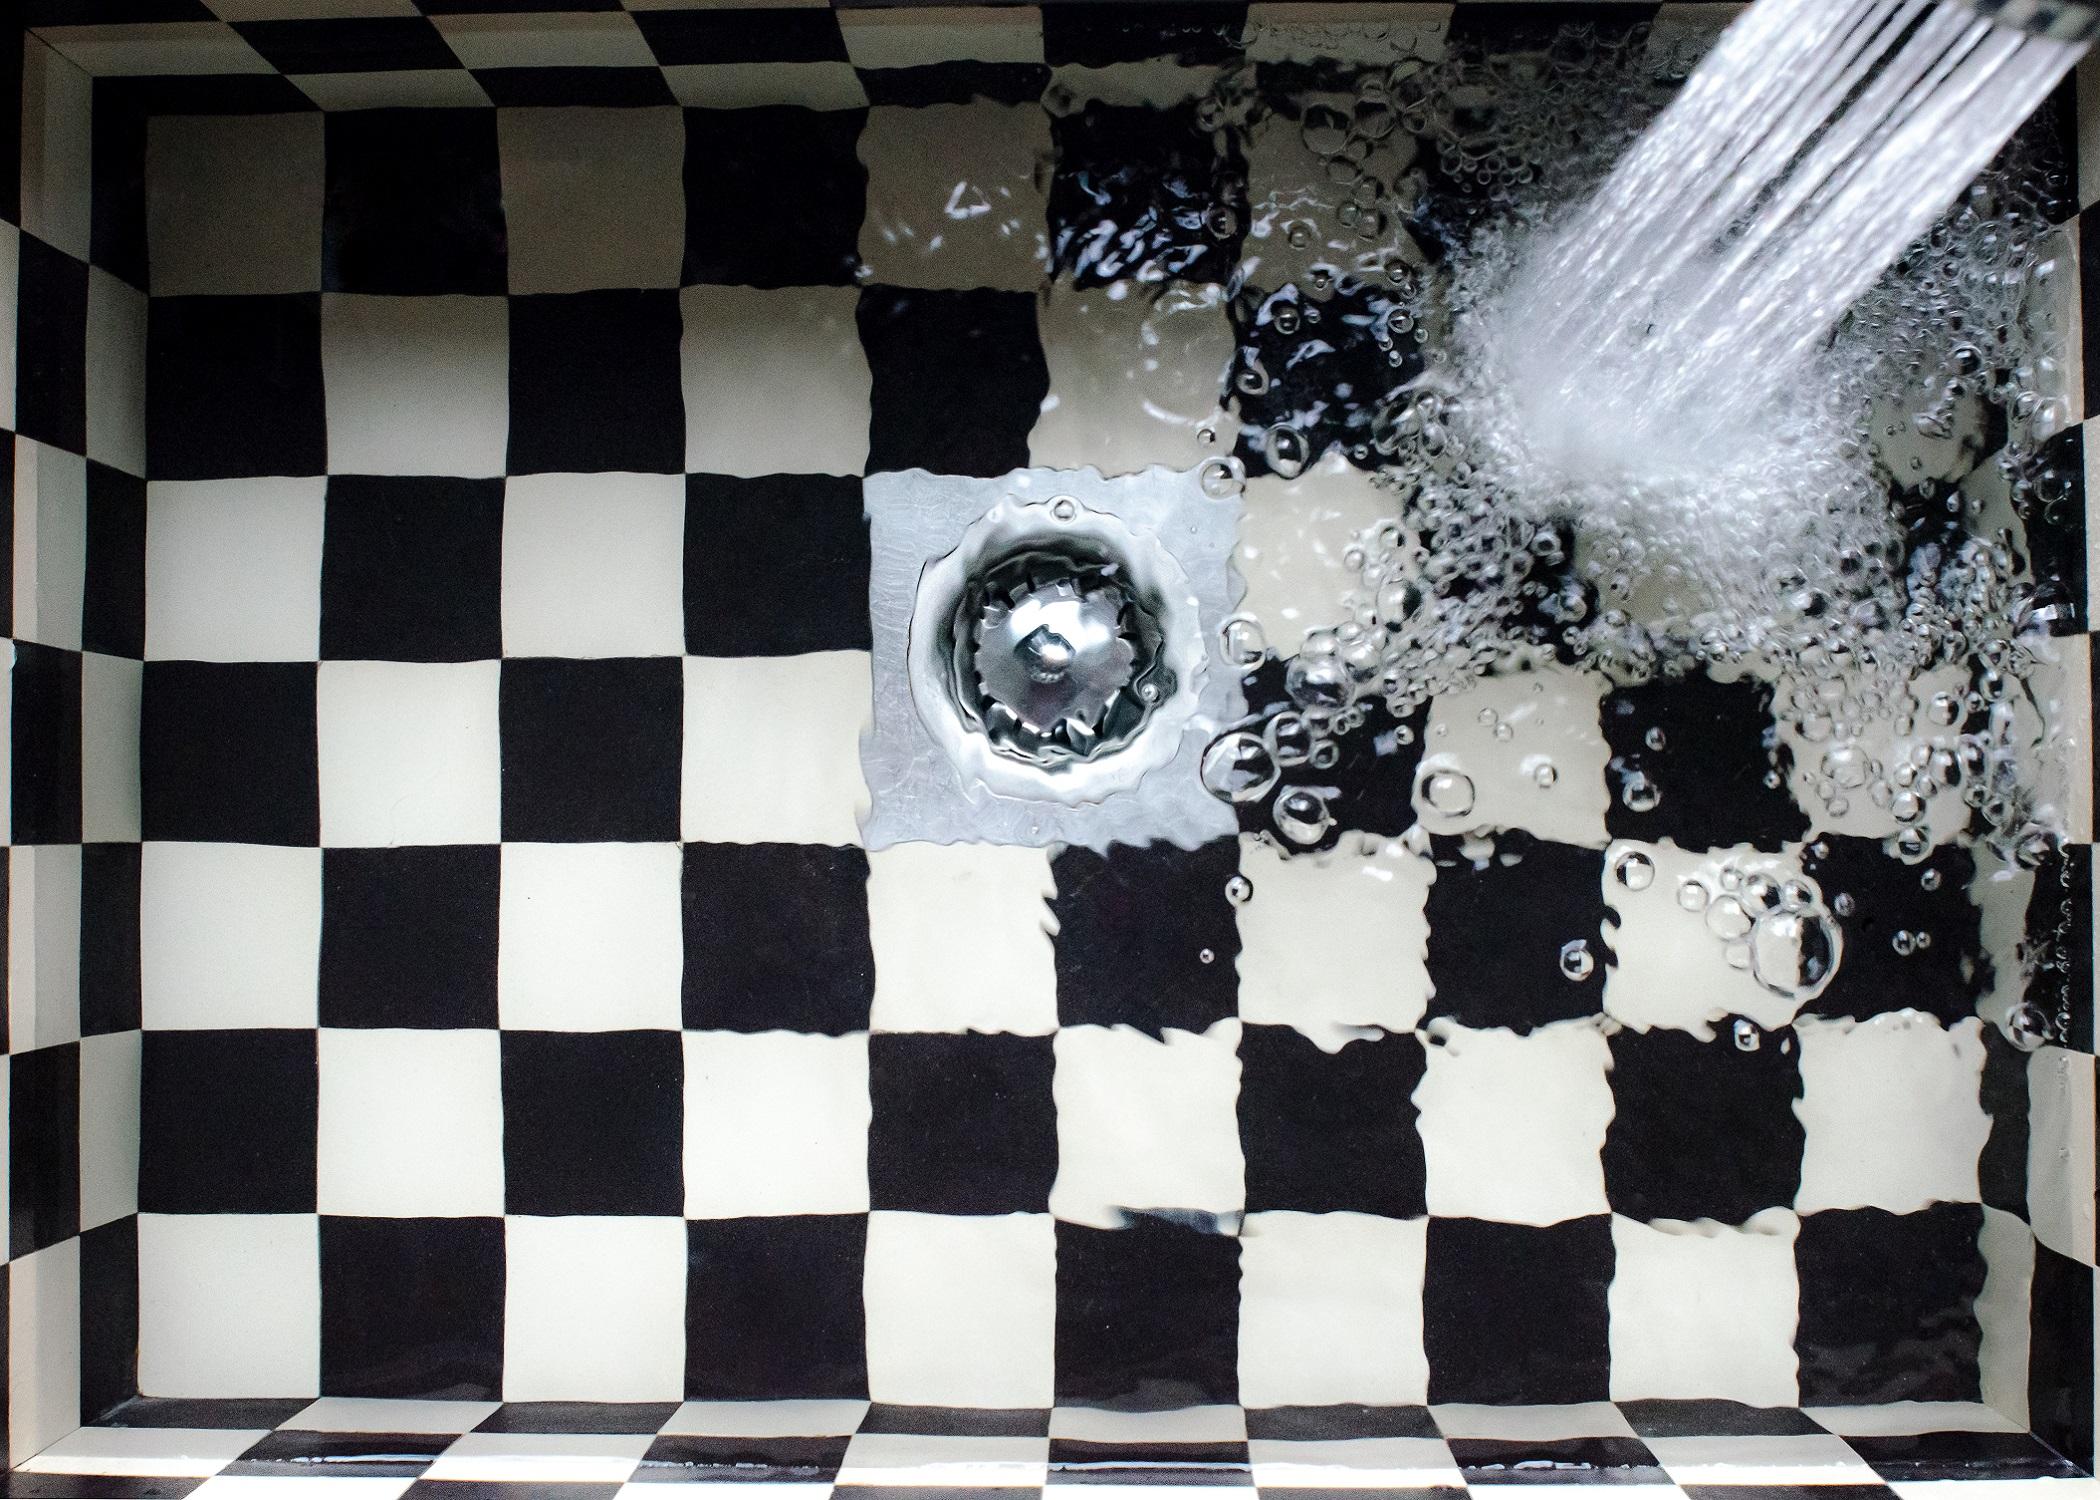 VVS installatør laver blandt andet modernisering af badeværelser